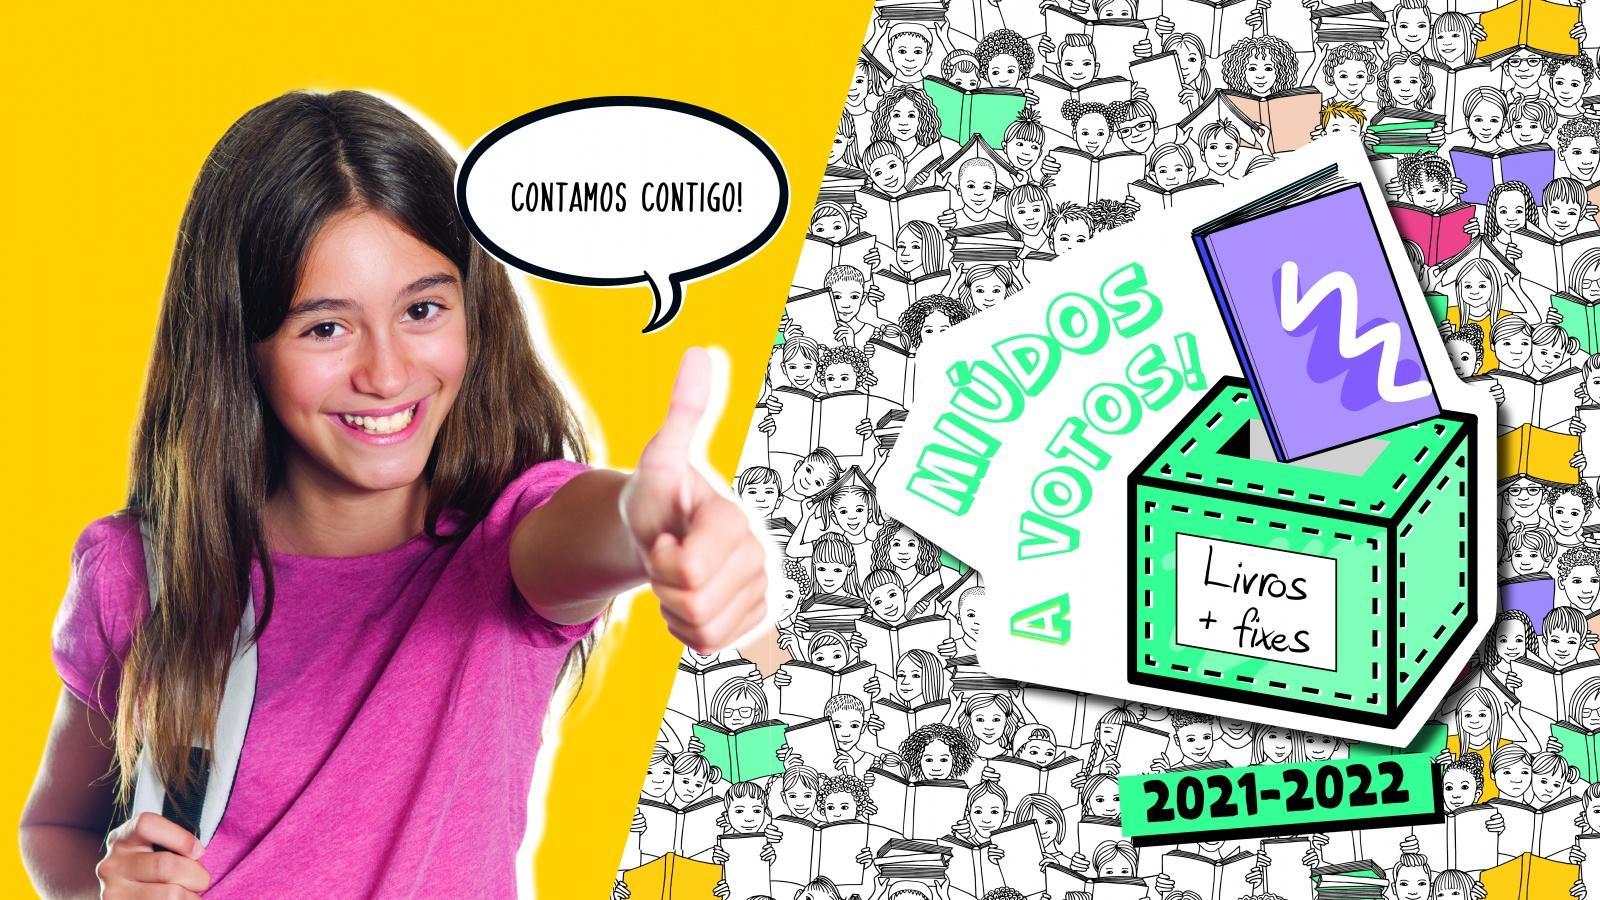 Miúdos a Votos 2021-2022